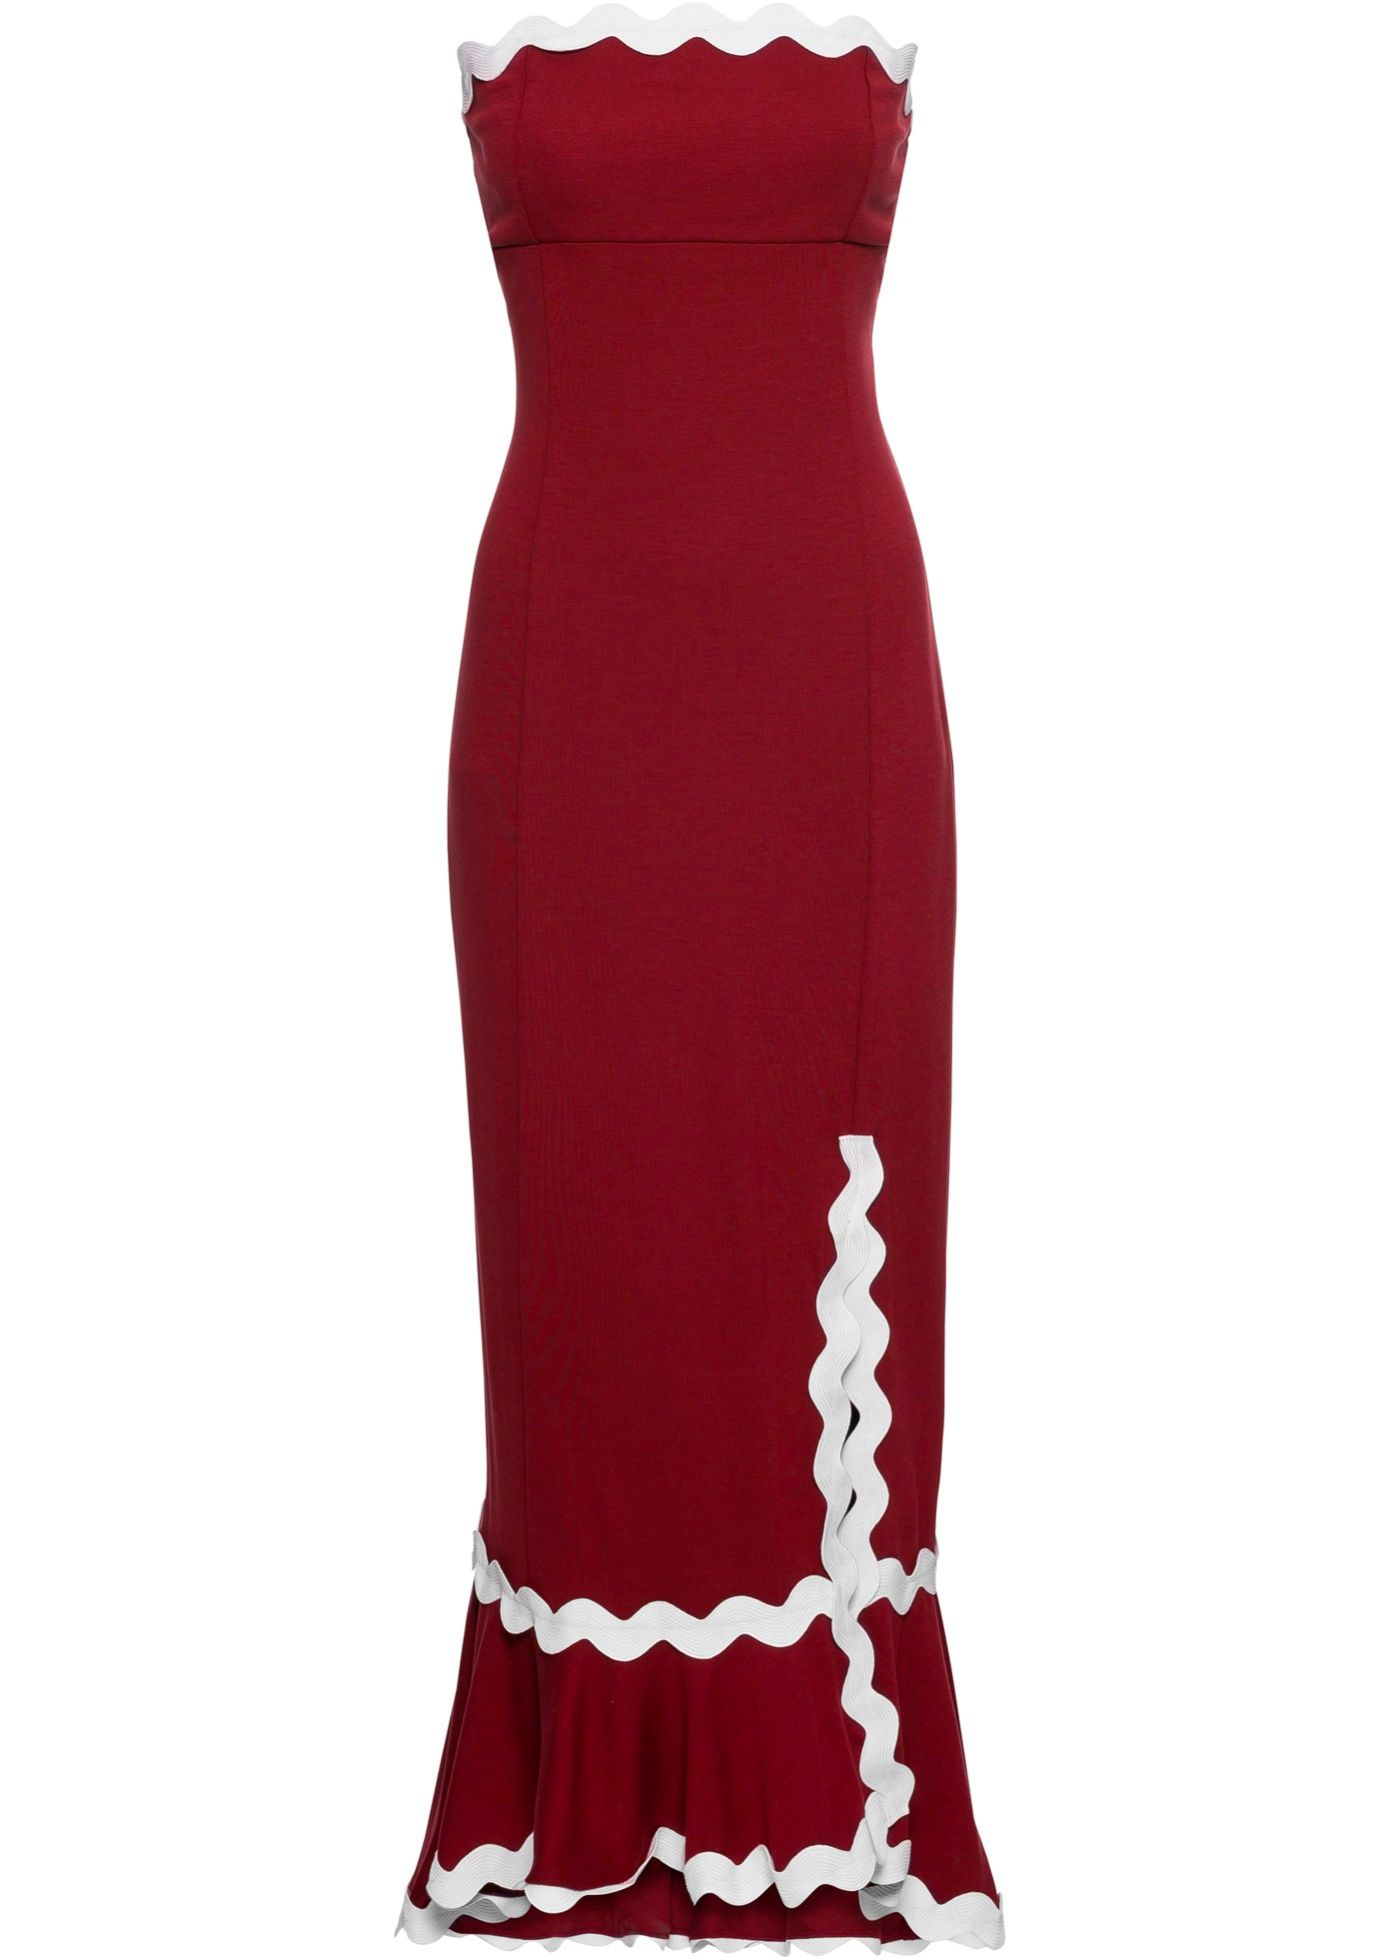 Bandeau-Kleid mit Beinschlitz  Coole kleider, Bandeau kleid und